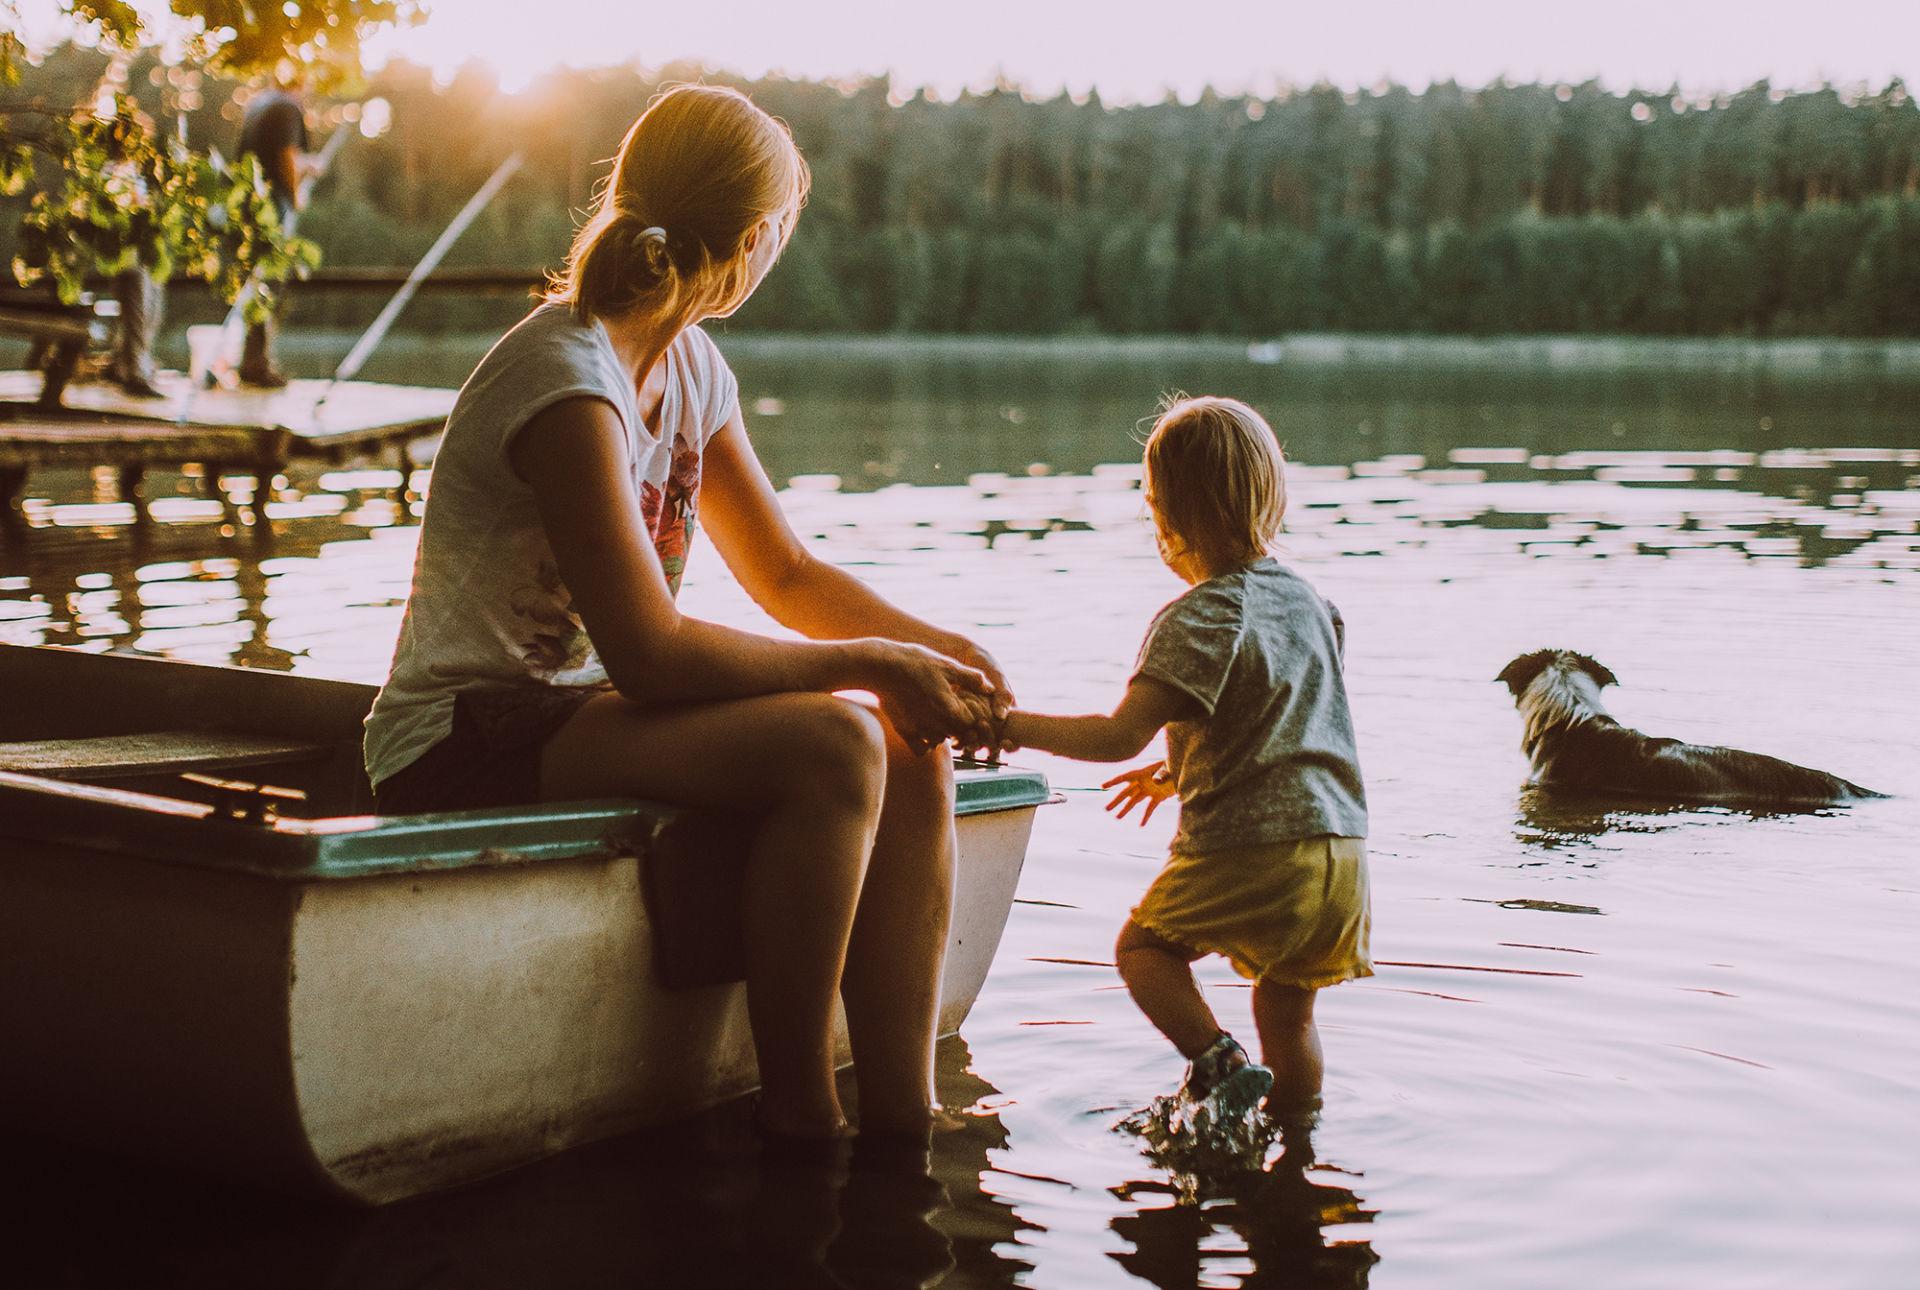 Nainen ja lapsi järven rannalla. Nainen istuu veneen päällä ja pitää lasta kädestä kiinni. PIdemmällä vedessä seisoo koira. Kaikki ovat selin katsojaan. On auringonlaskun aika.